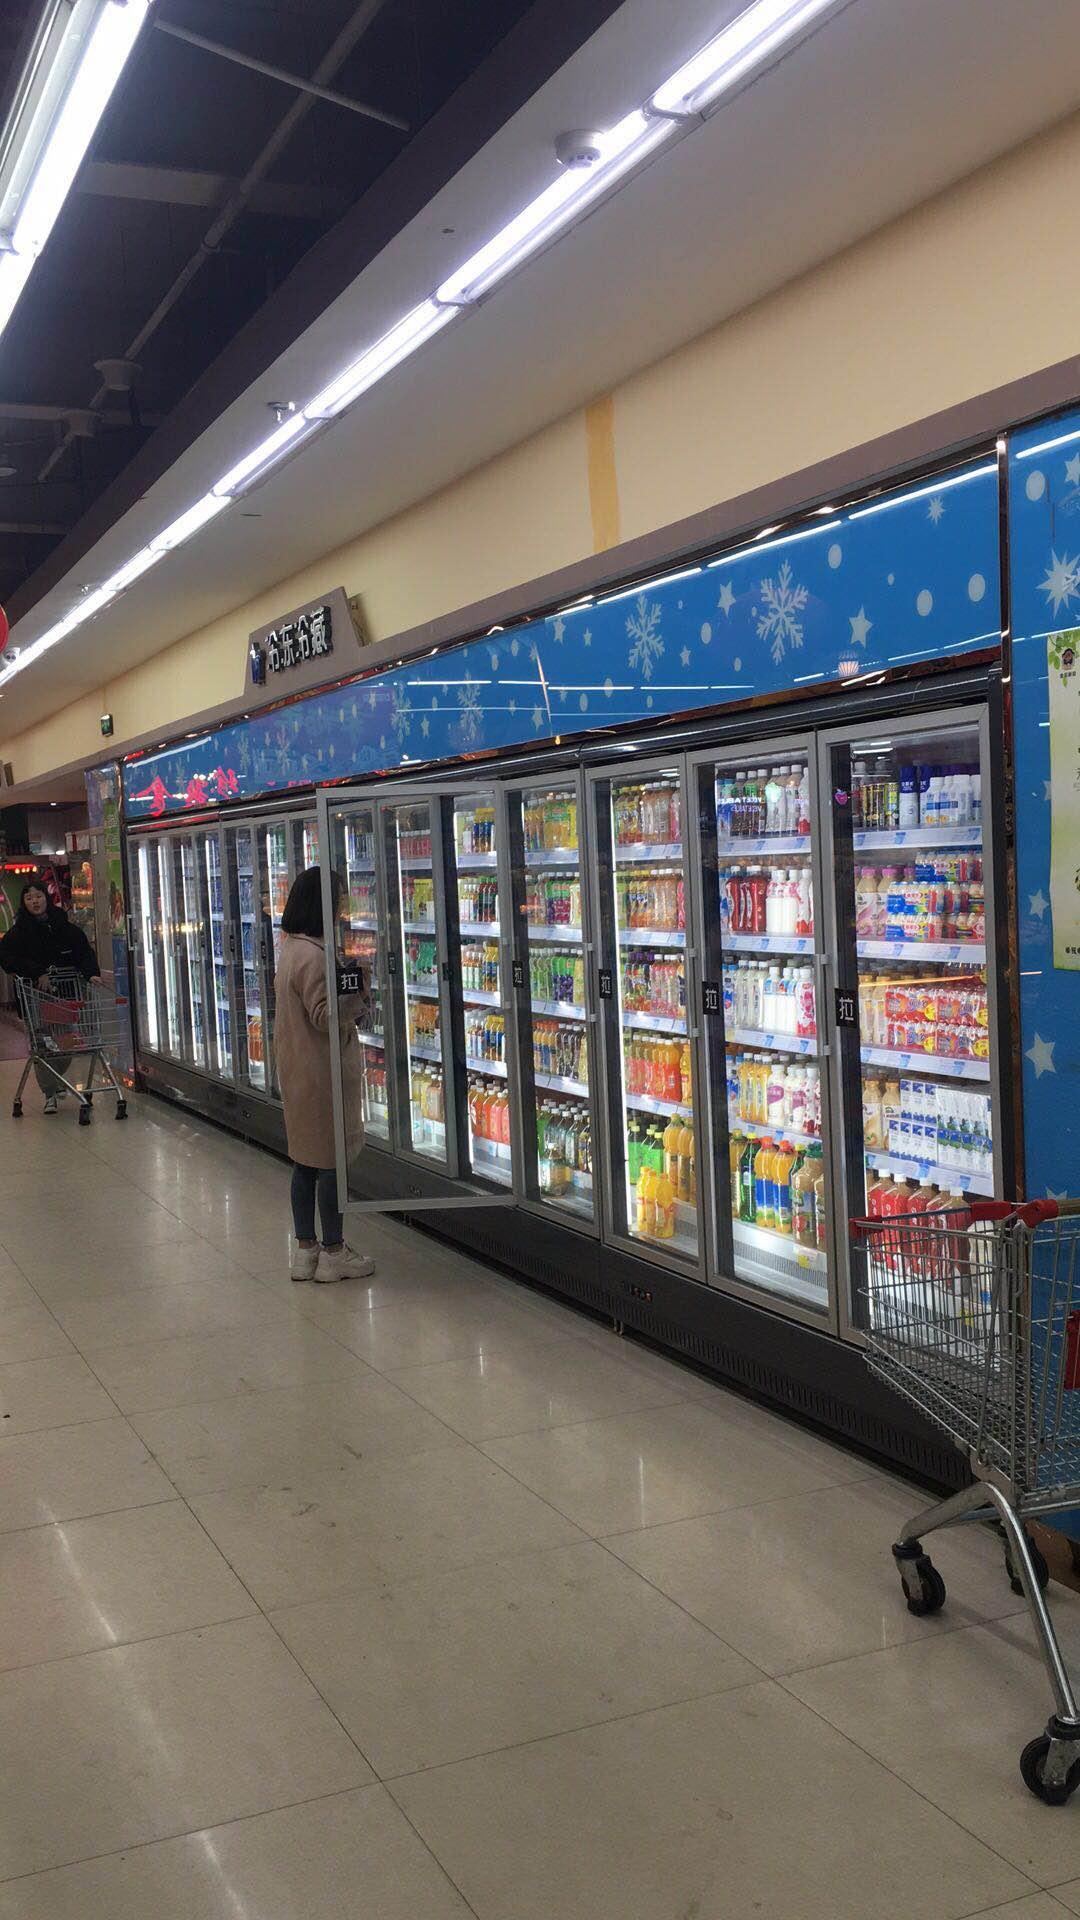 郑州专业定制饮料保鲜柜的厂家立风柜风幕柜品牌